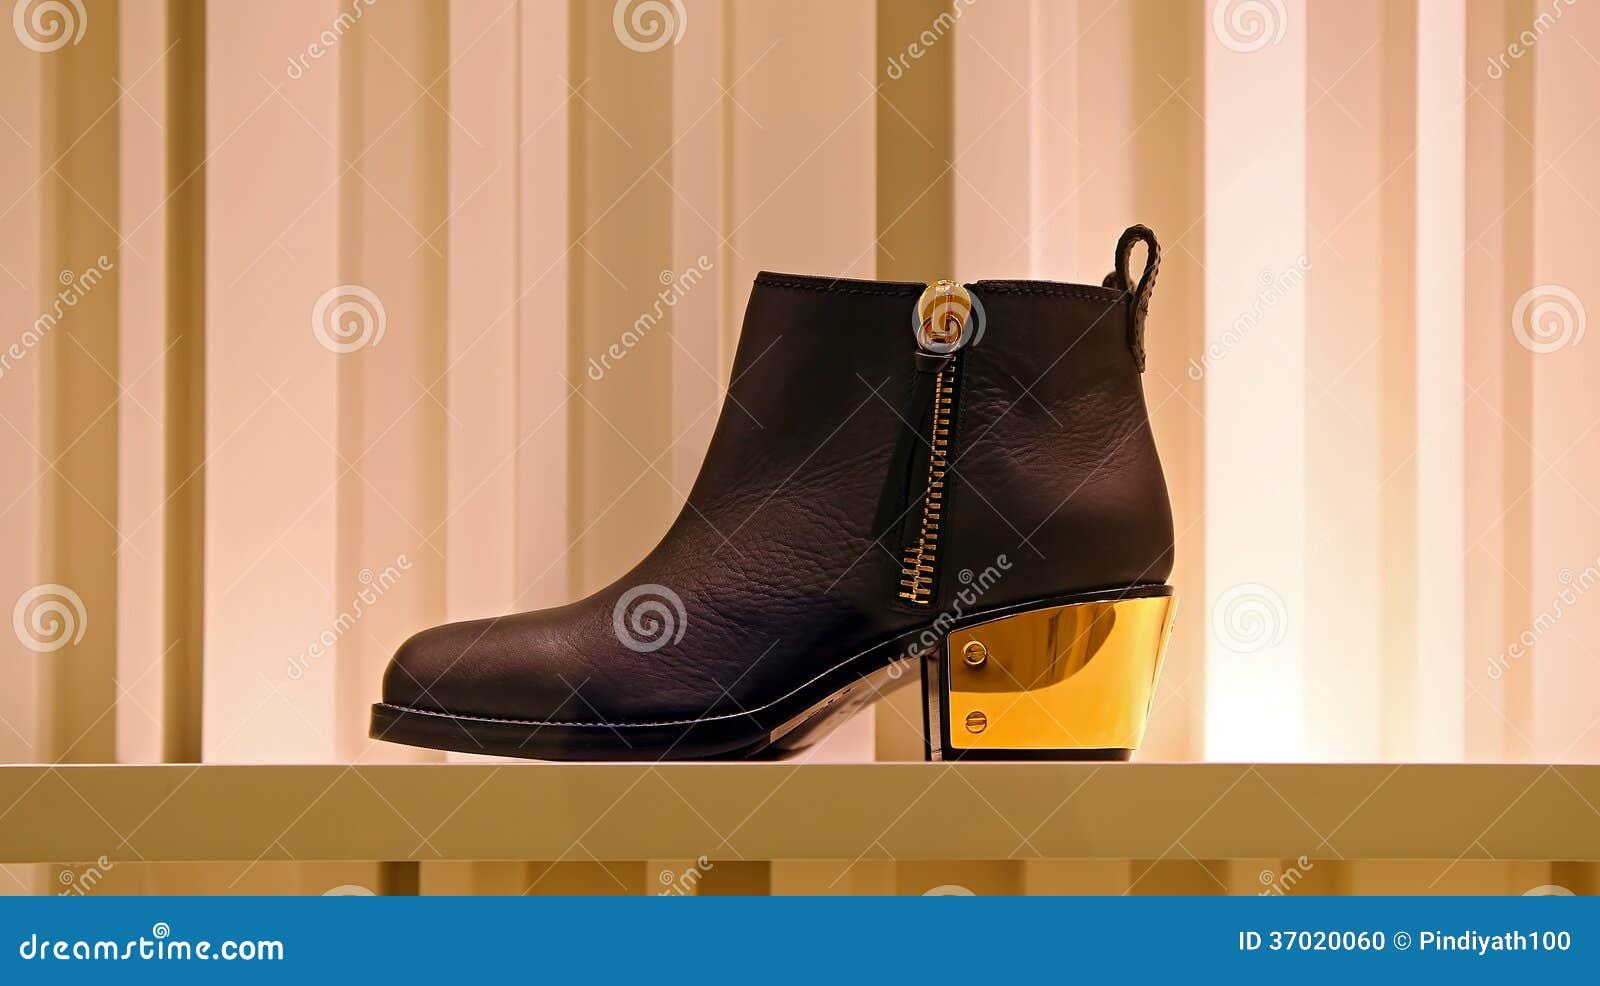 Elegant shoe for ladies